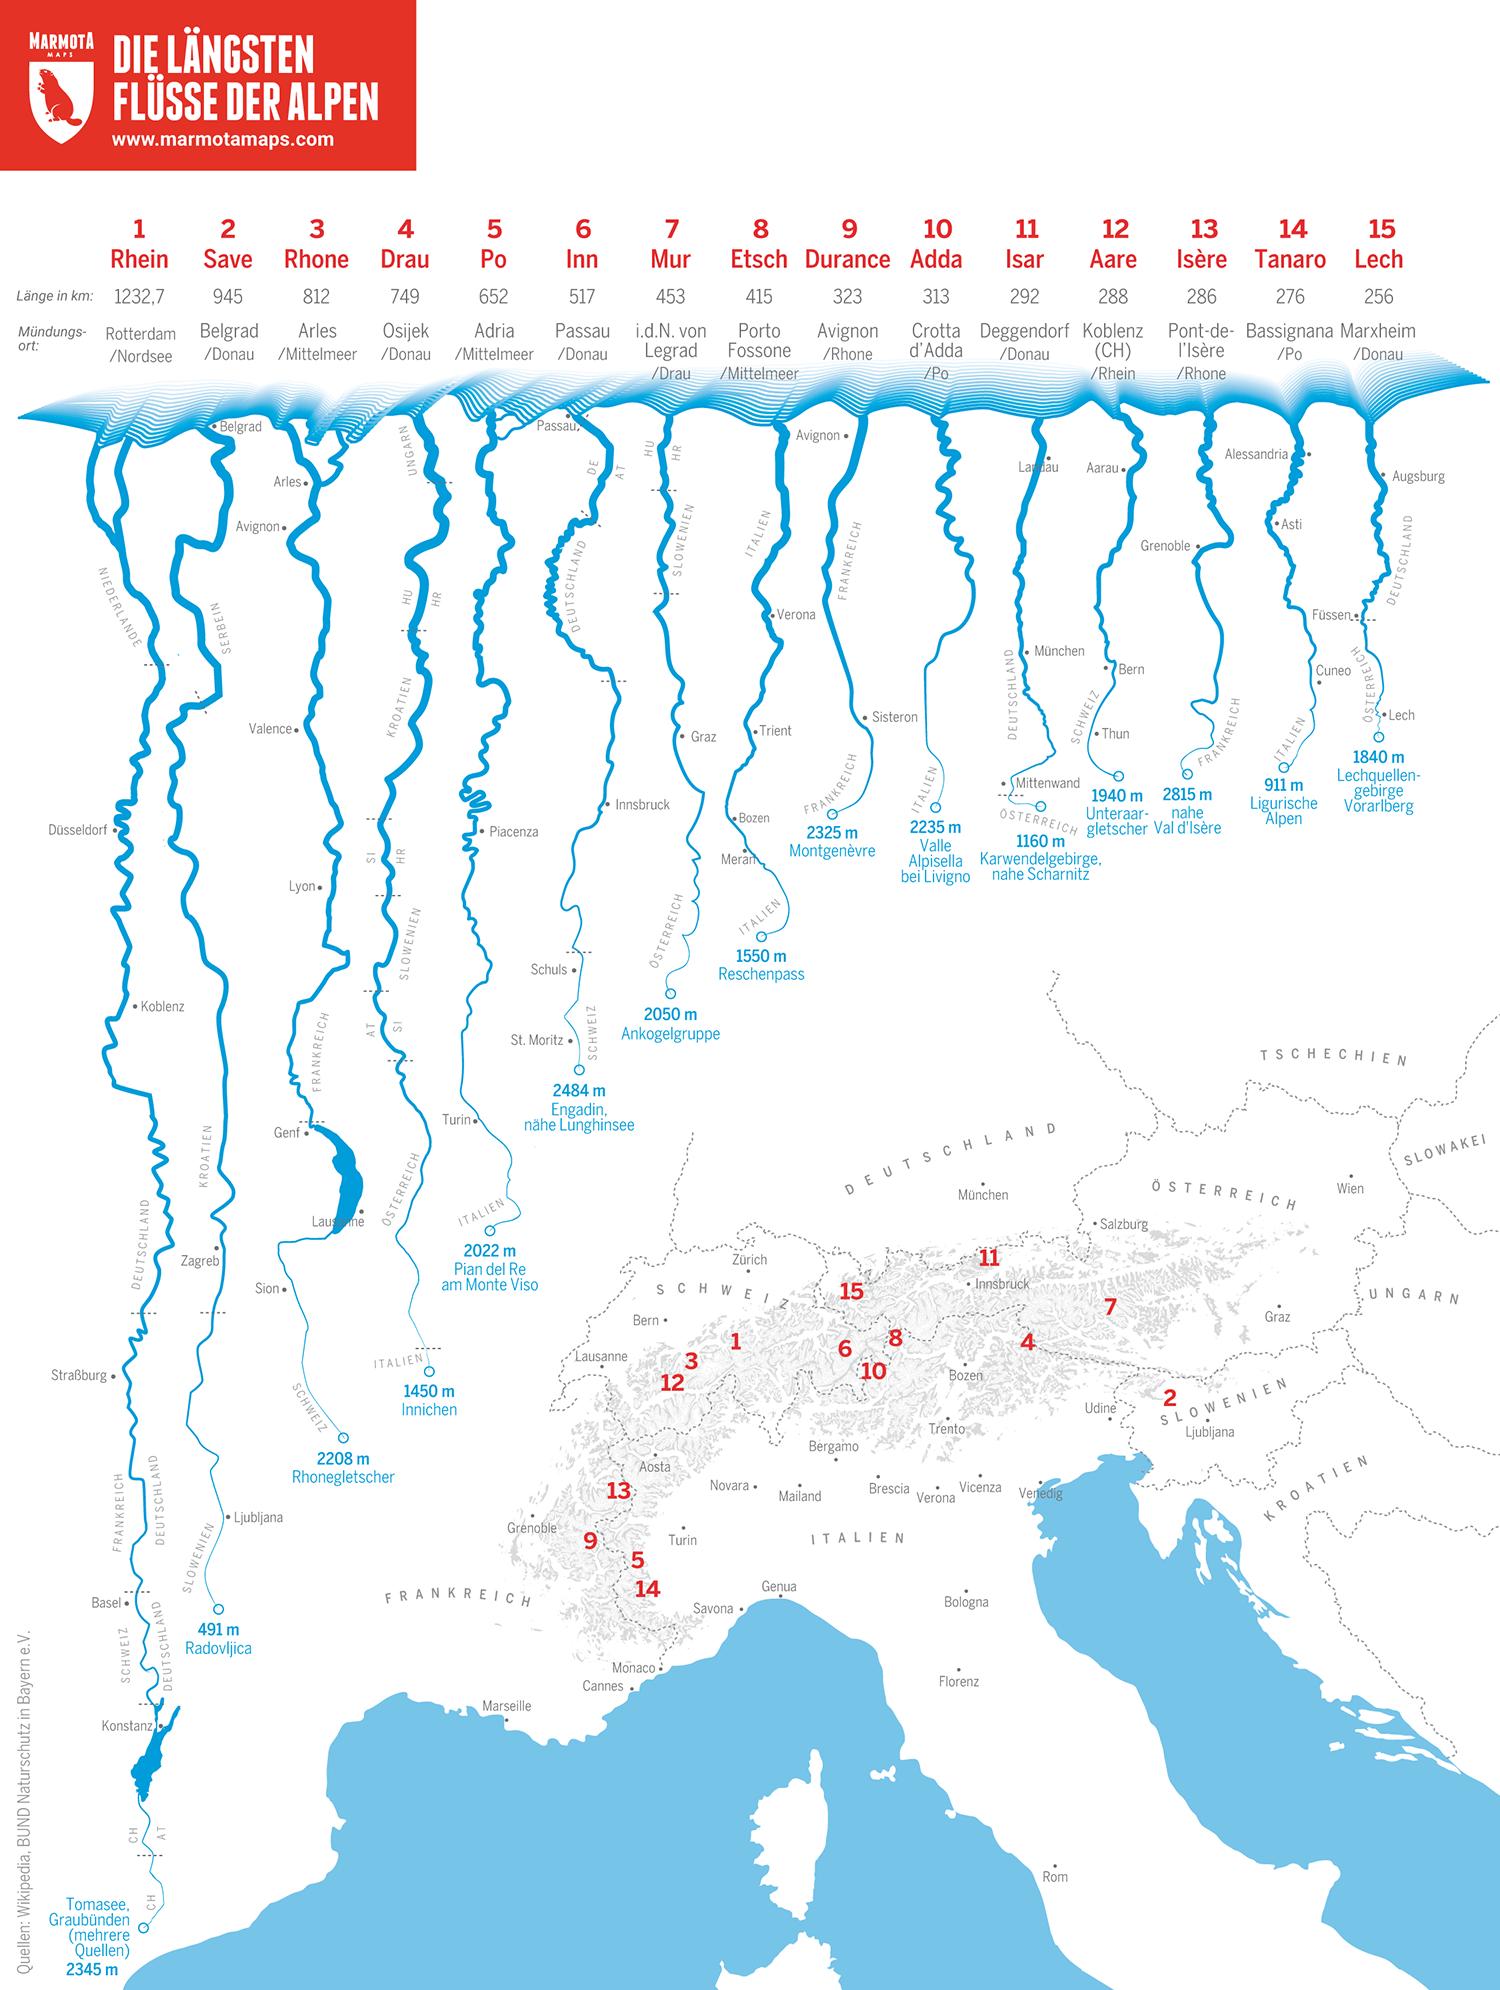 Die längsten Flüsse der Alpen